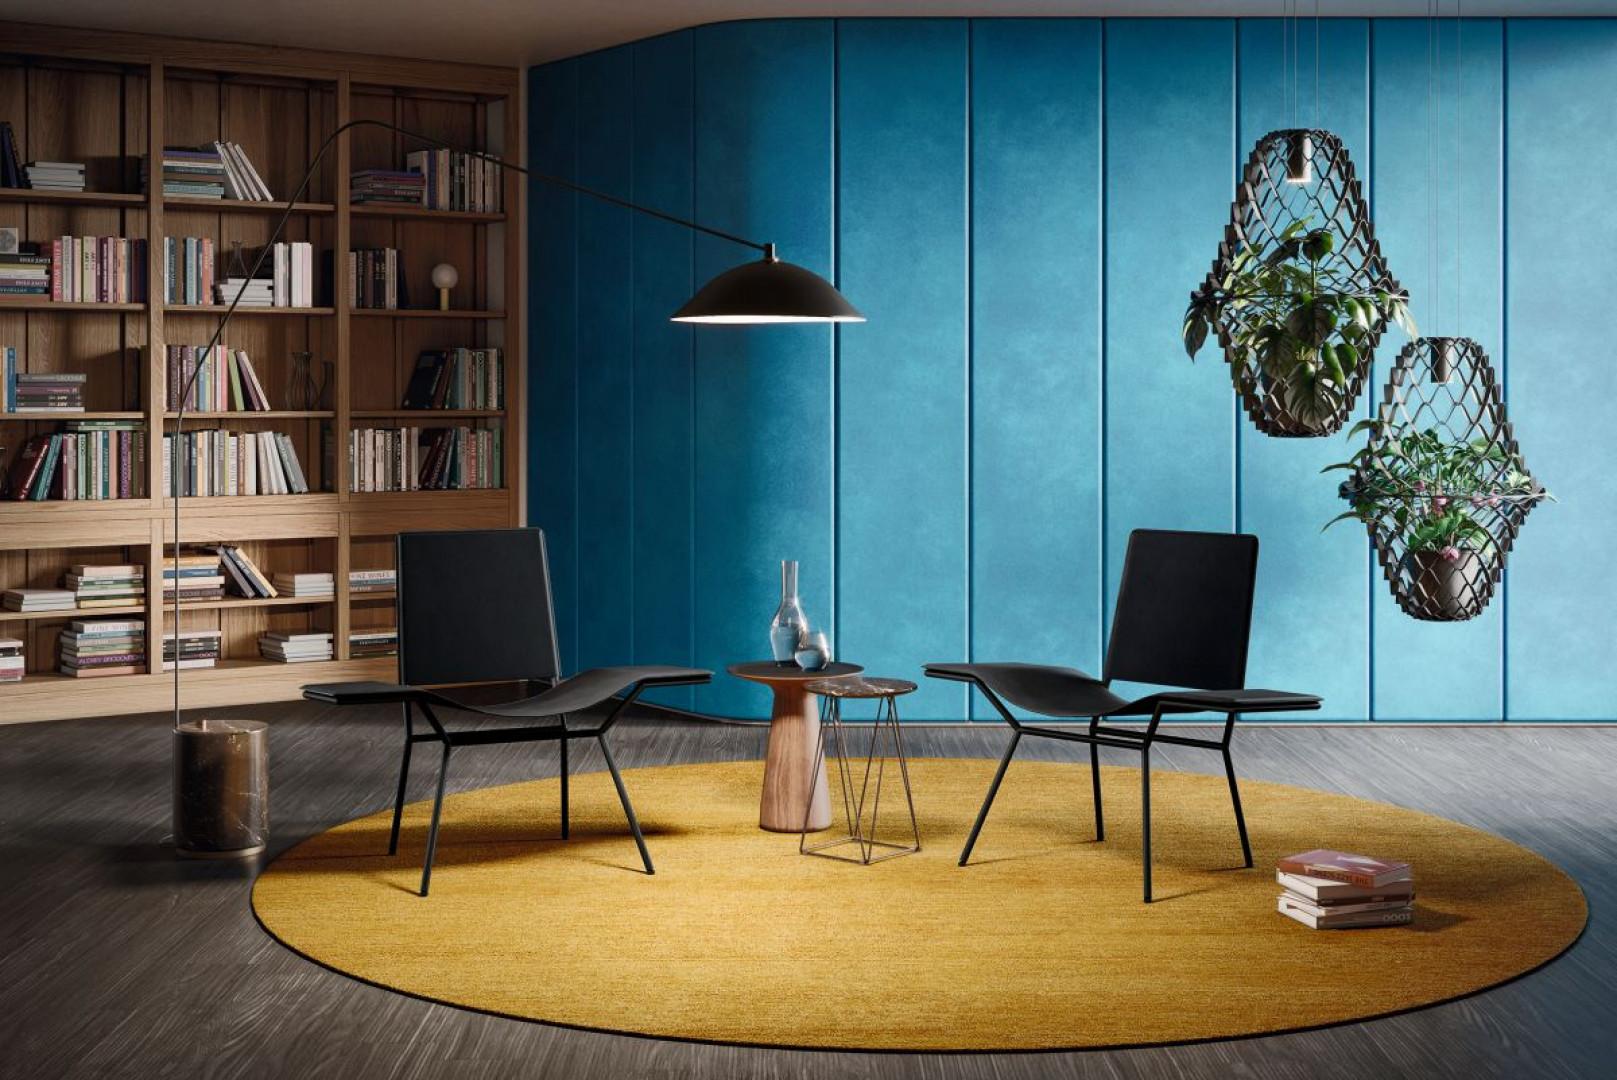 Krzesła Aisuu firmy Walter Knoll zostały zainspirowane modelem z lat 50. XX, wyrosłym z idei projektowych Bauhausu. Projekt: Ginger Zalaba. Fot. Walter Knoll